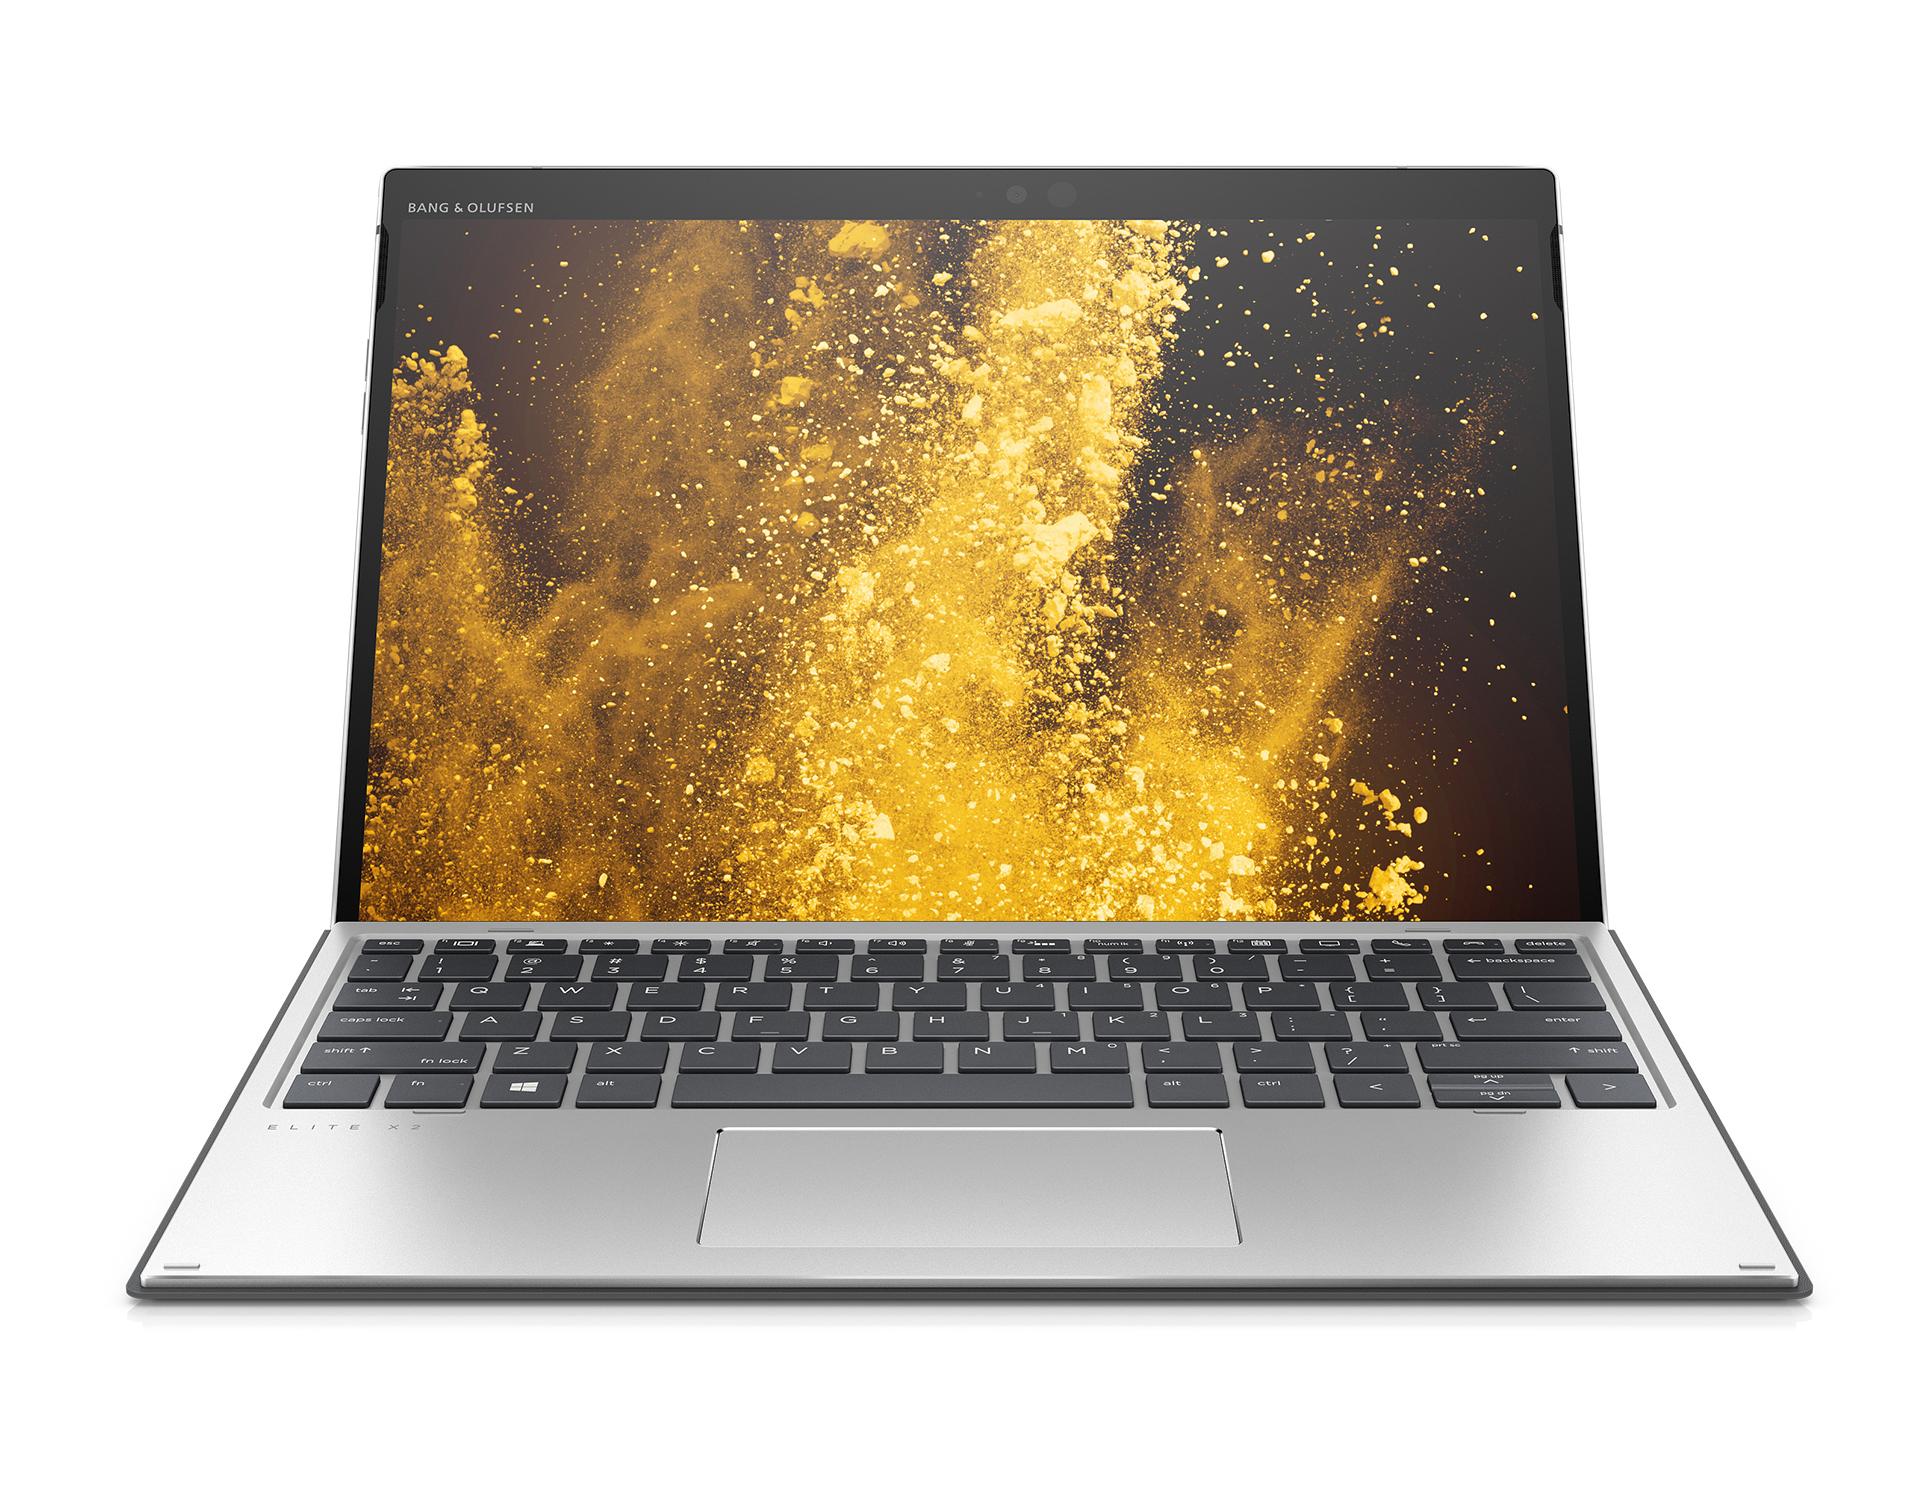 HP Elite x2 G4 (8QW21PA・Core i5/16GB/512S/3K2K/LTE/vPro)スタンダードモデル